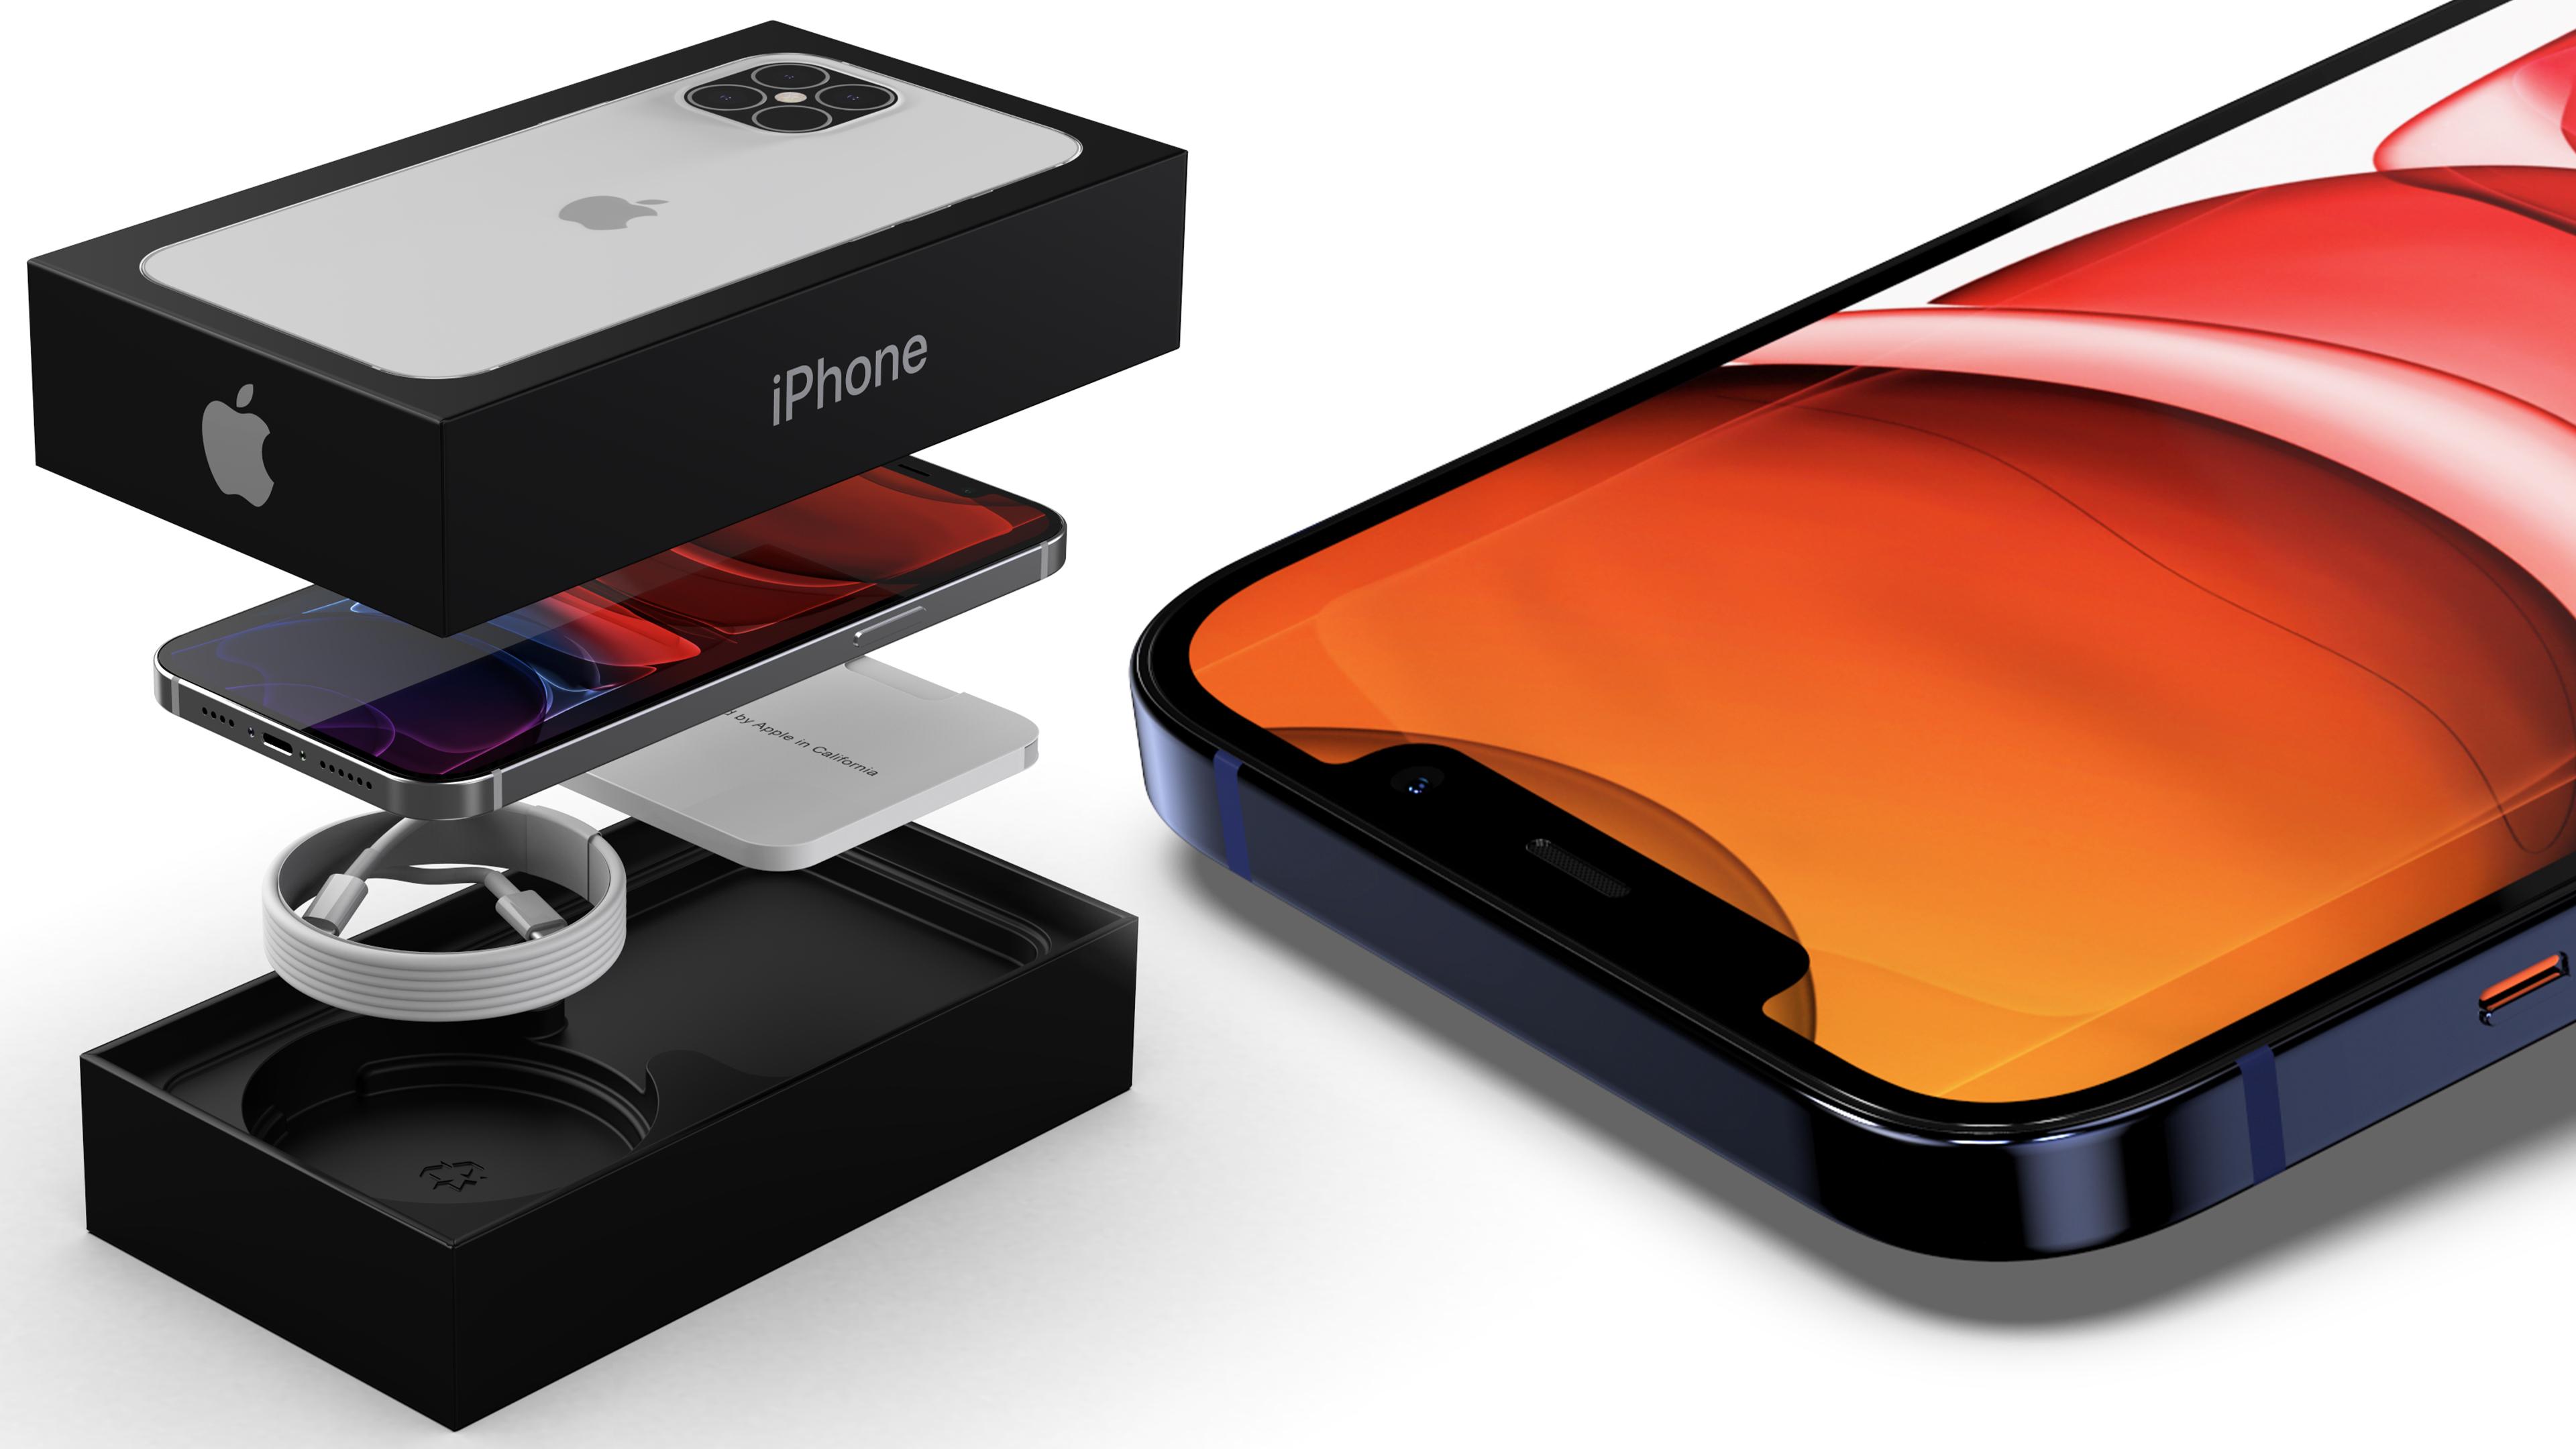 Как Apple сэкономит на пользователях. Компактная коробка iPhone 12 без наушников и зарядного устройства во всей красе